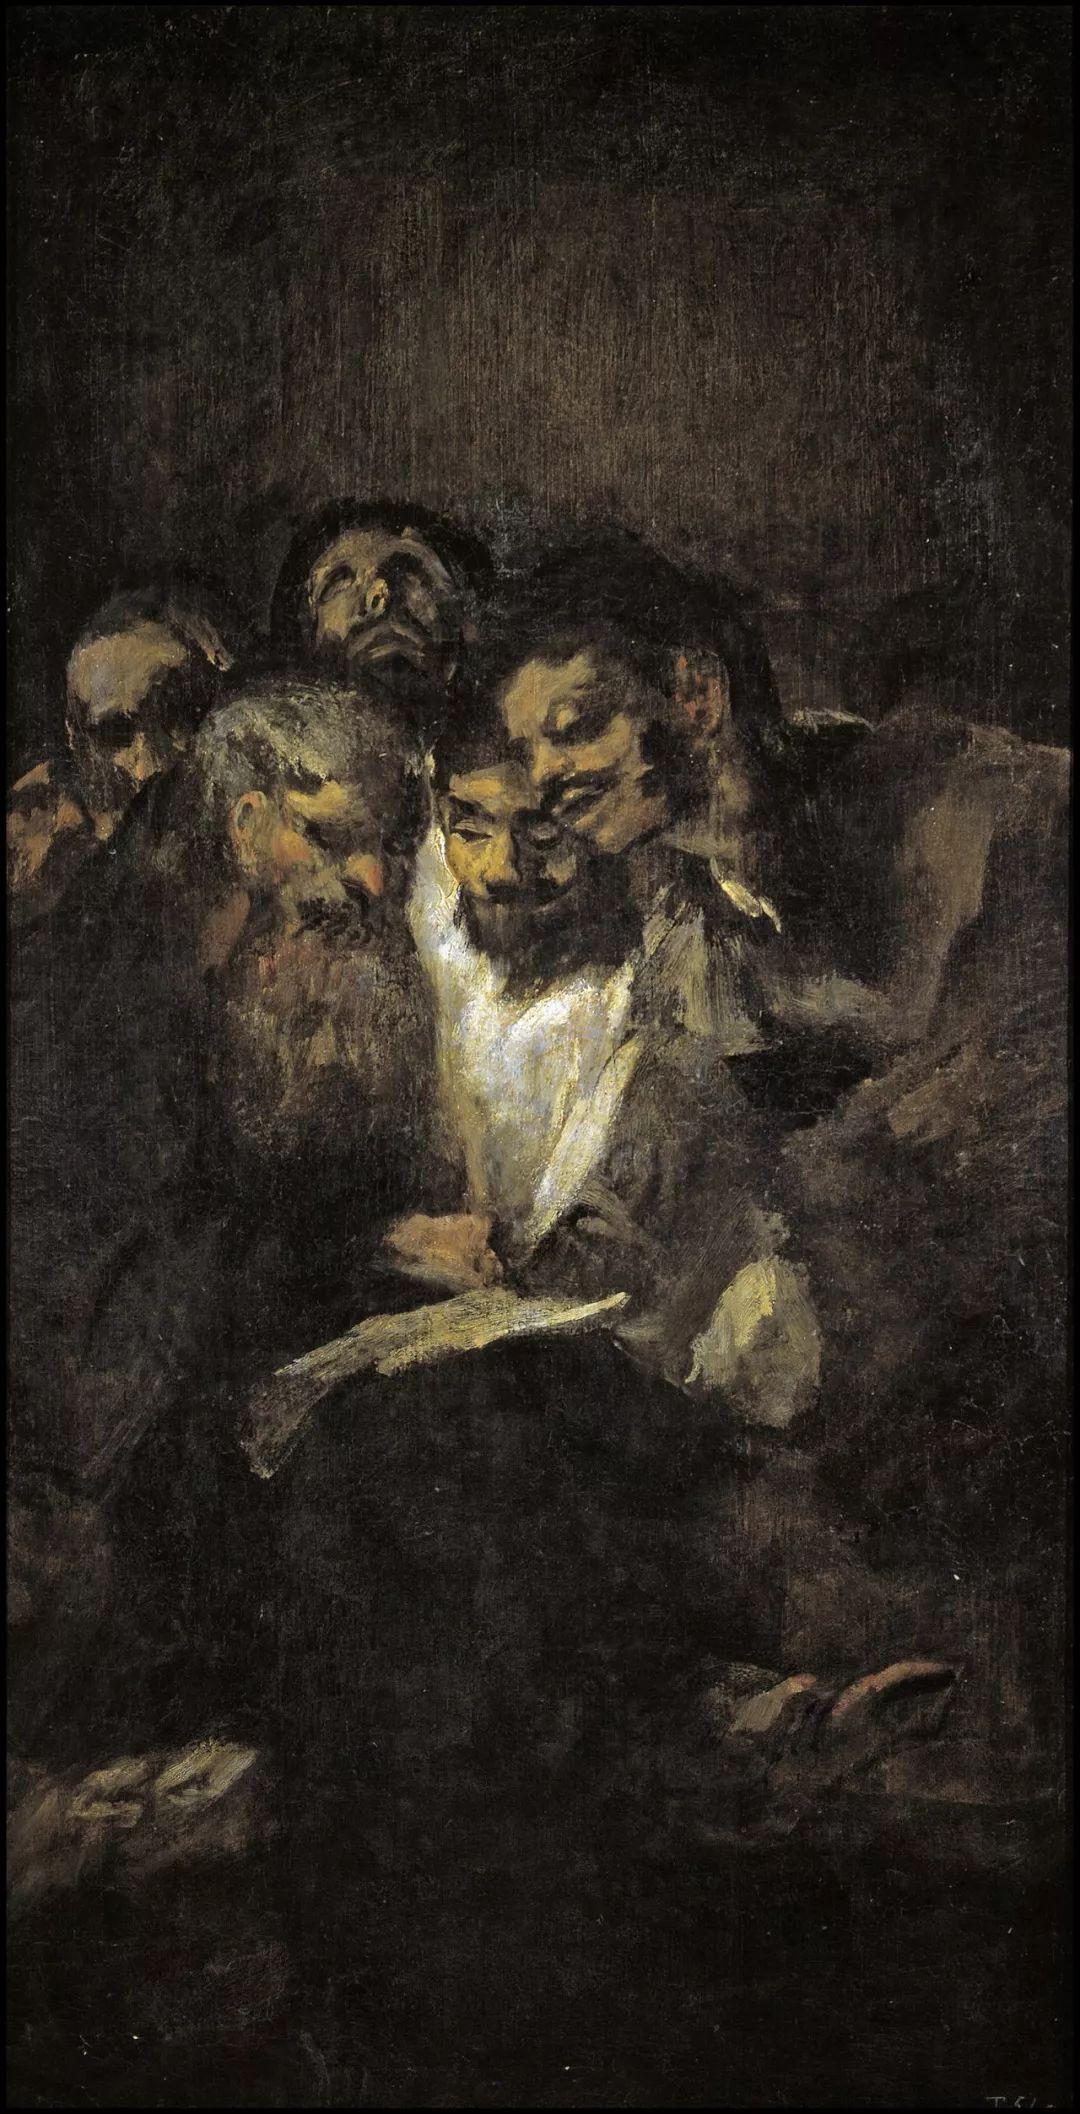 画风奇异的天才戈雅,画作震撼,他被称为浪漫主义最后的大师!插图175